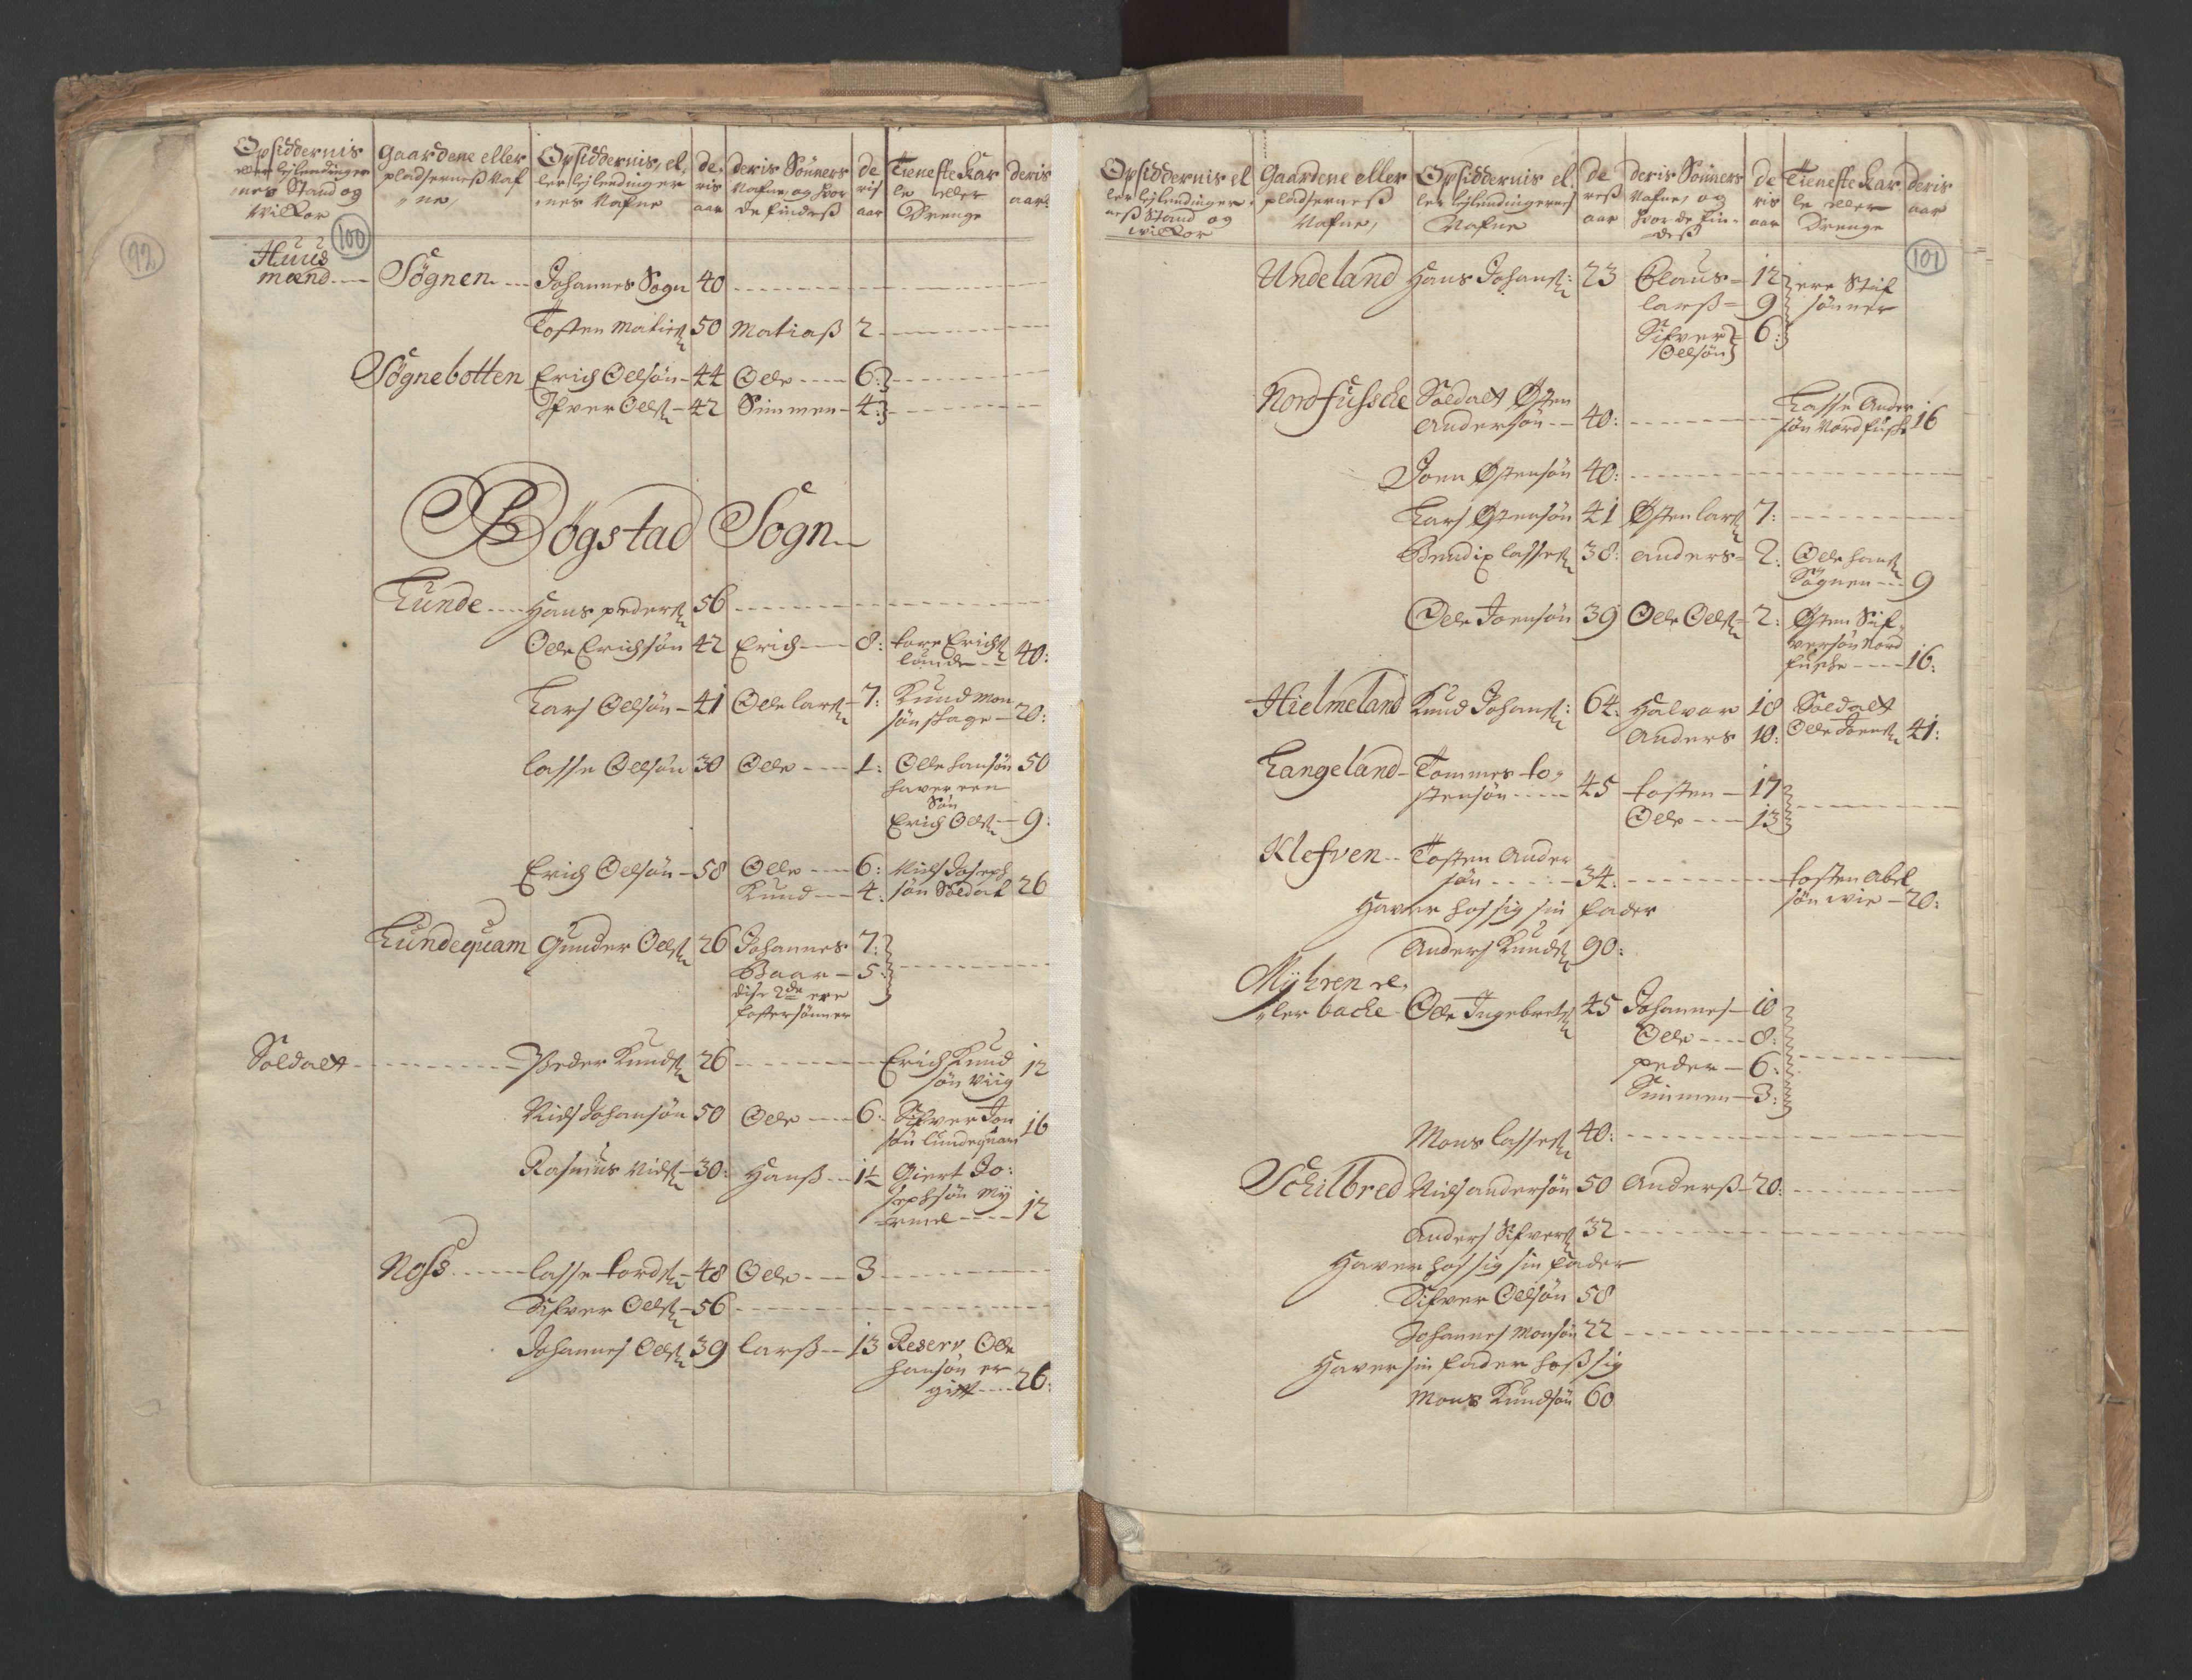 RA, Manntallet 1701, nr. 9: Sunnfjord fogderi, Nordfjord fogderi og Svanø birk, 1701, s. 100-101